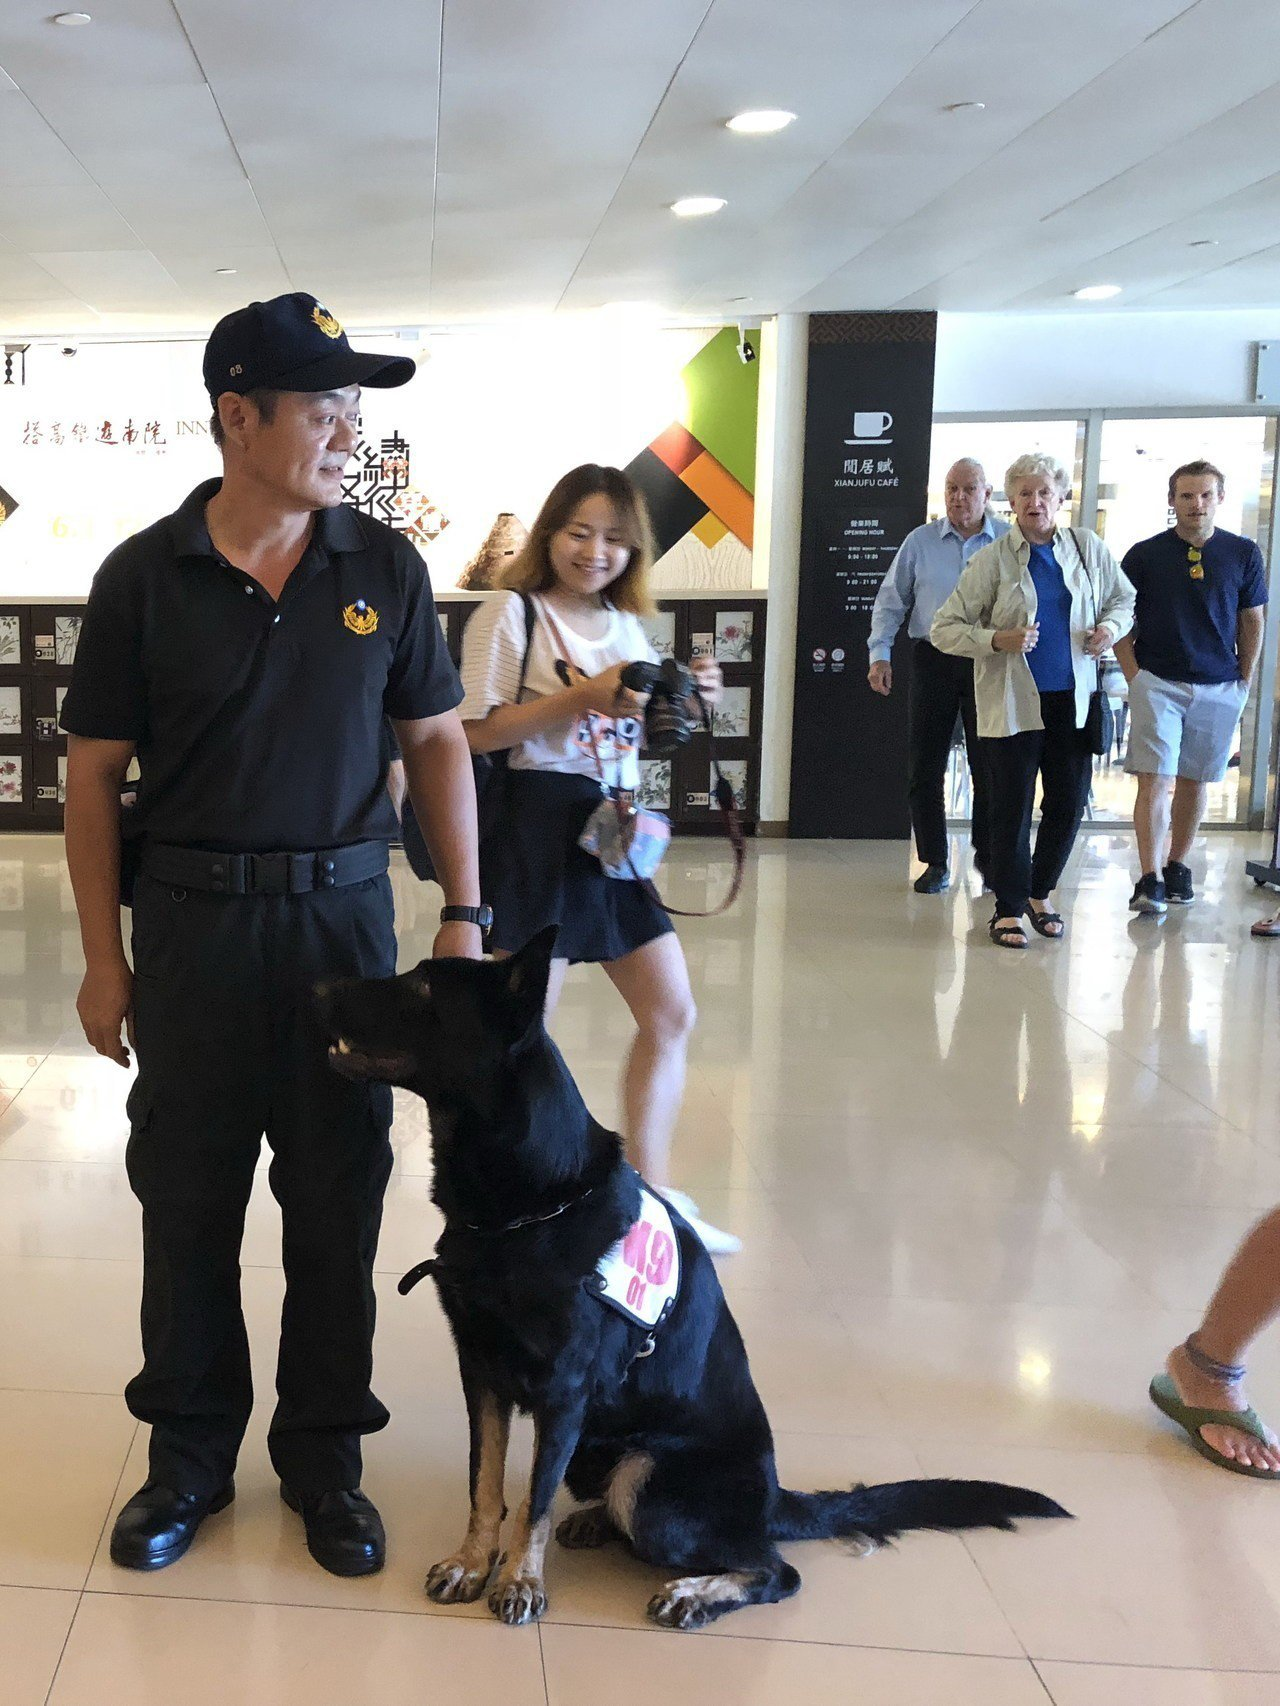 故宮領犬員呂益助和警犬隊大將「來福」,民眾看到狗狗都很開心。記者何定照/攝影